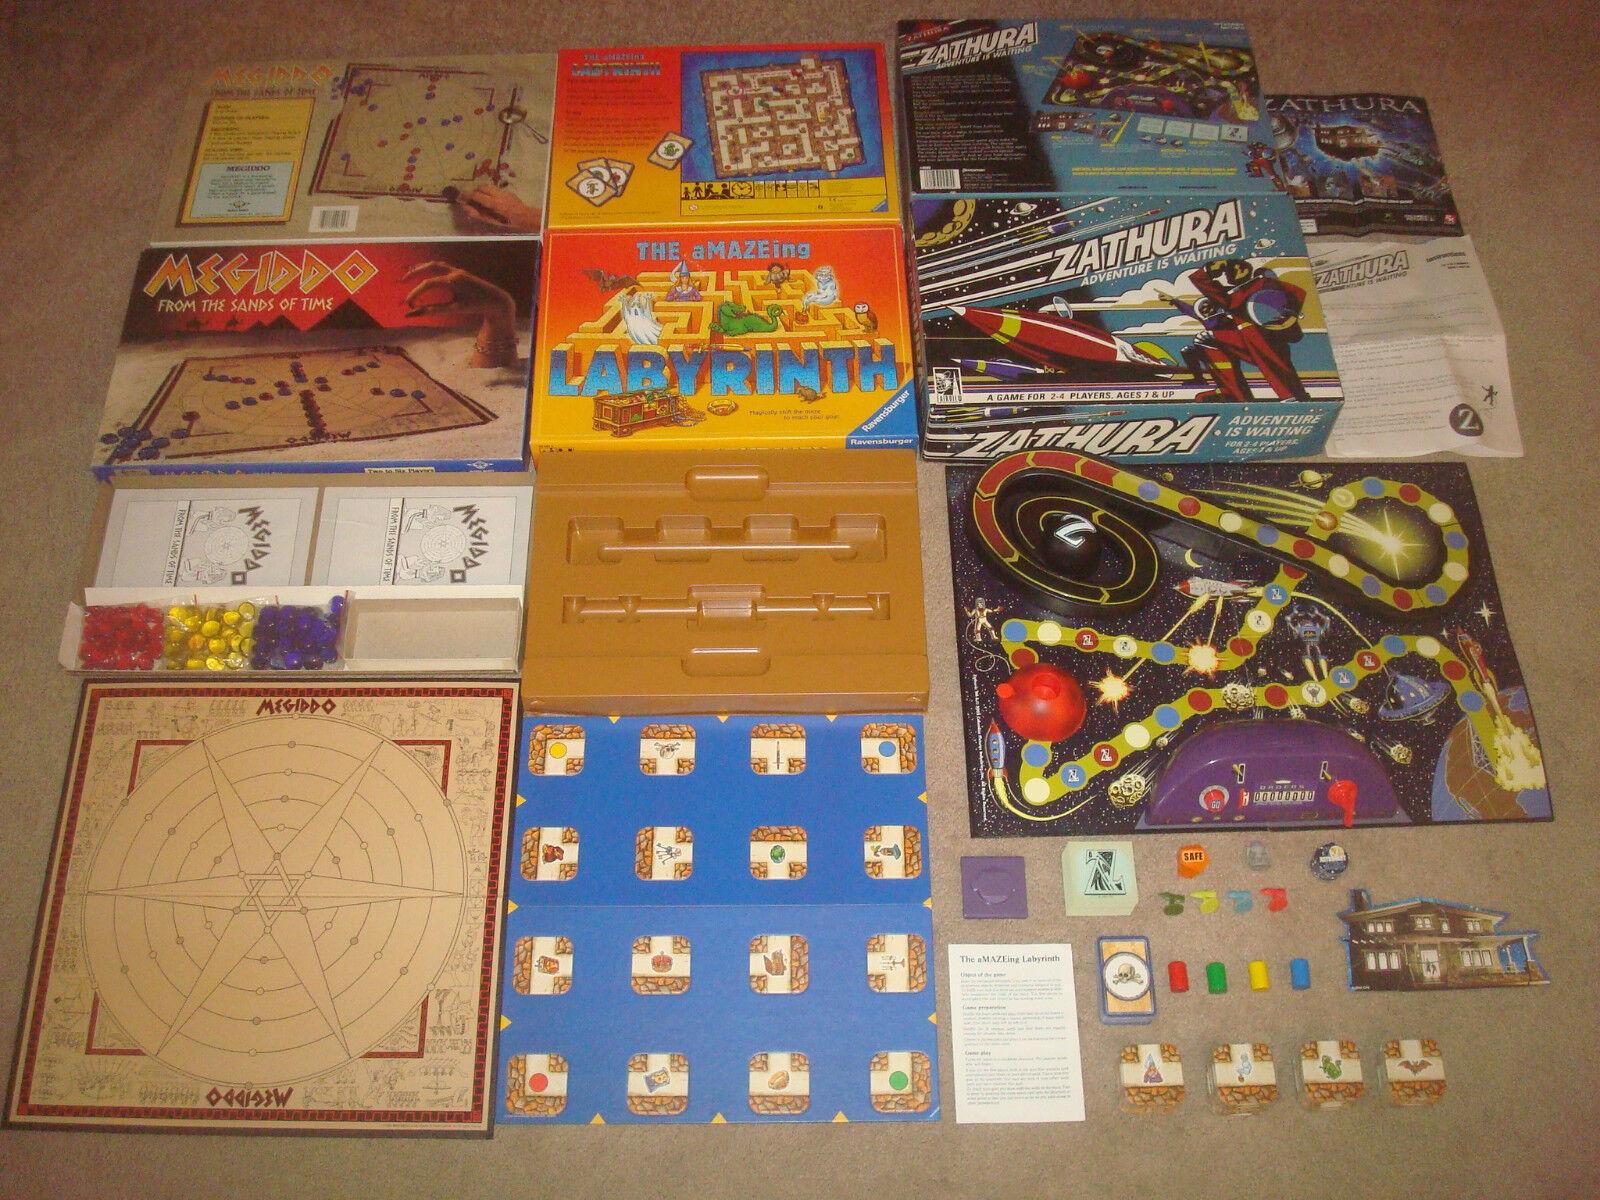 Die erstaunliche labyrinth + megiddo + zathura brettspiel brettspiel brettspiel viel party strategie fantasie 896b63